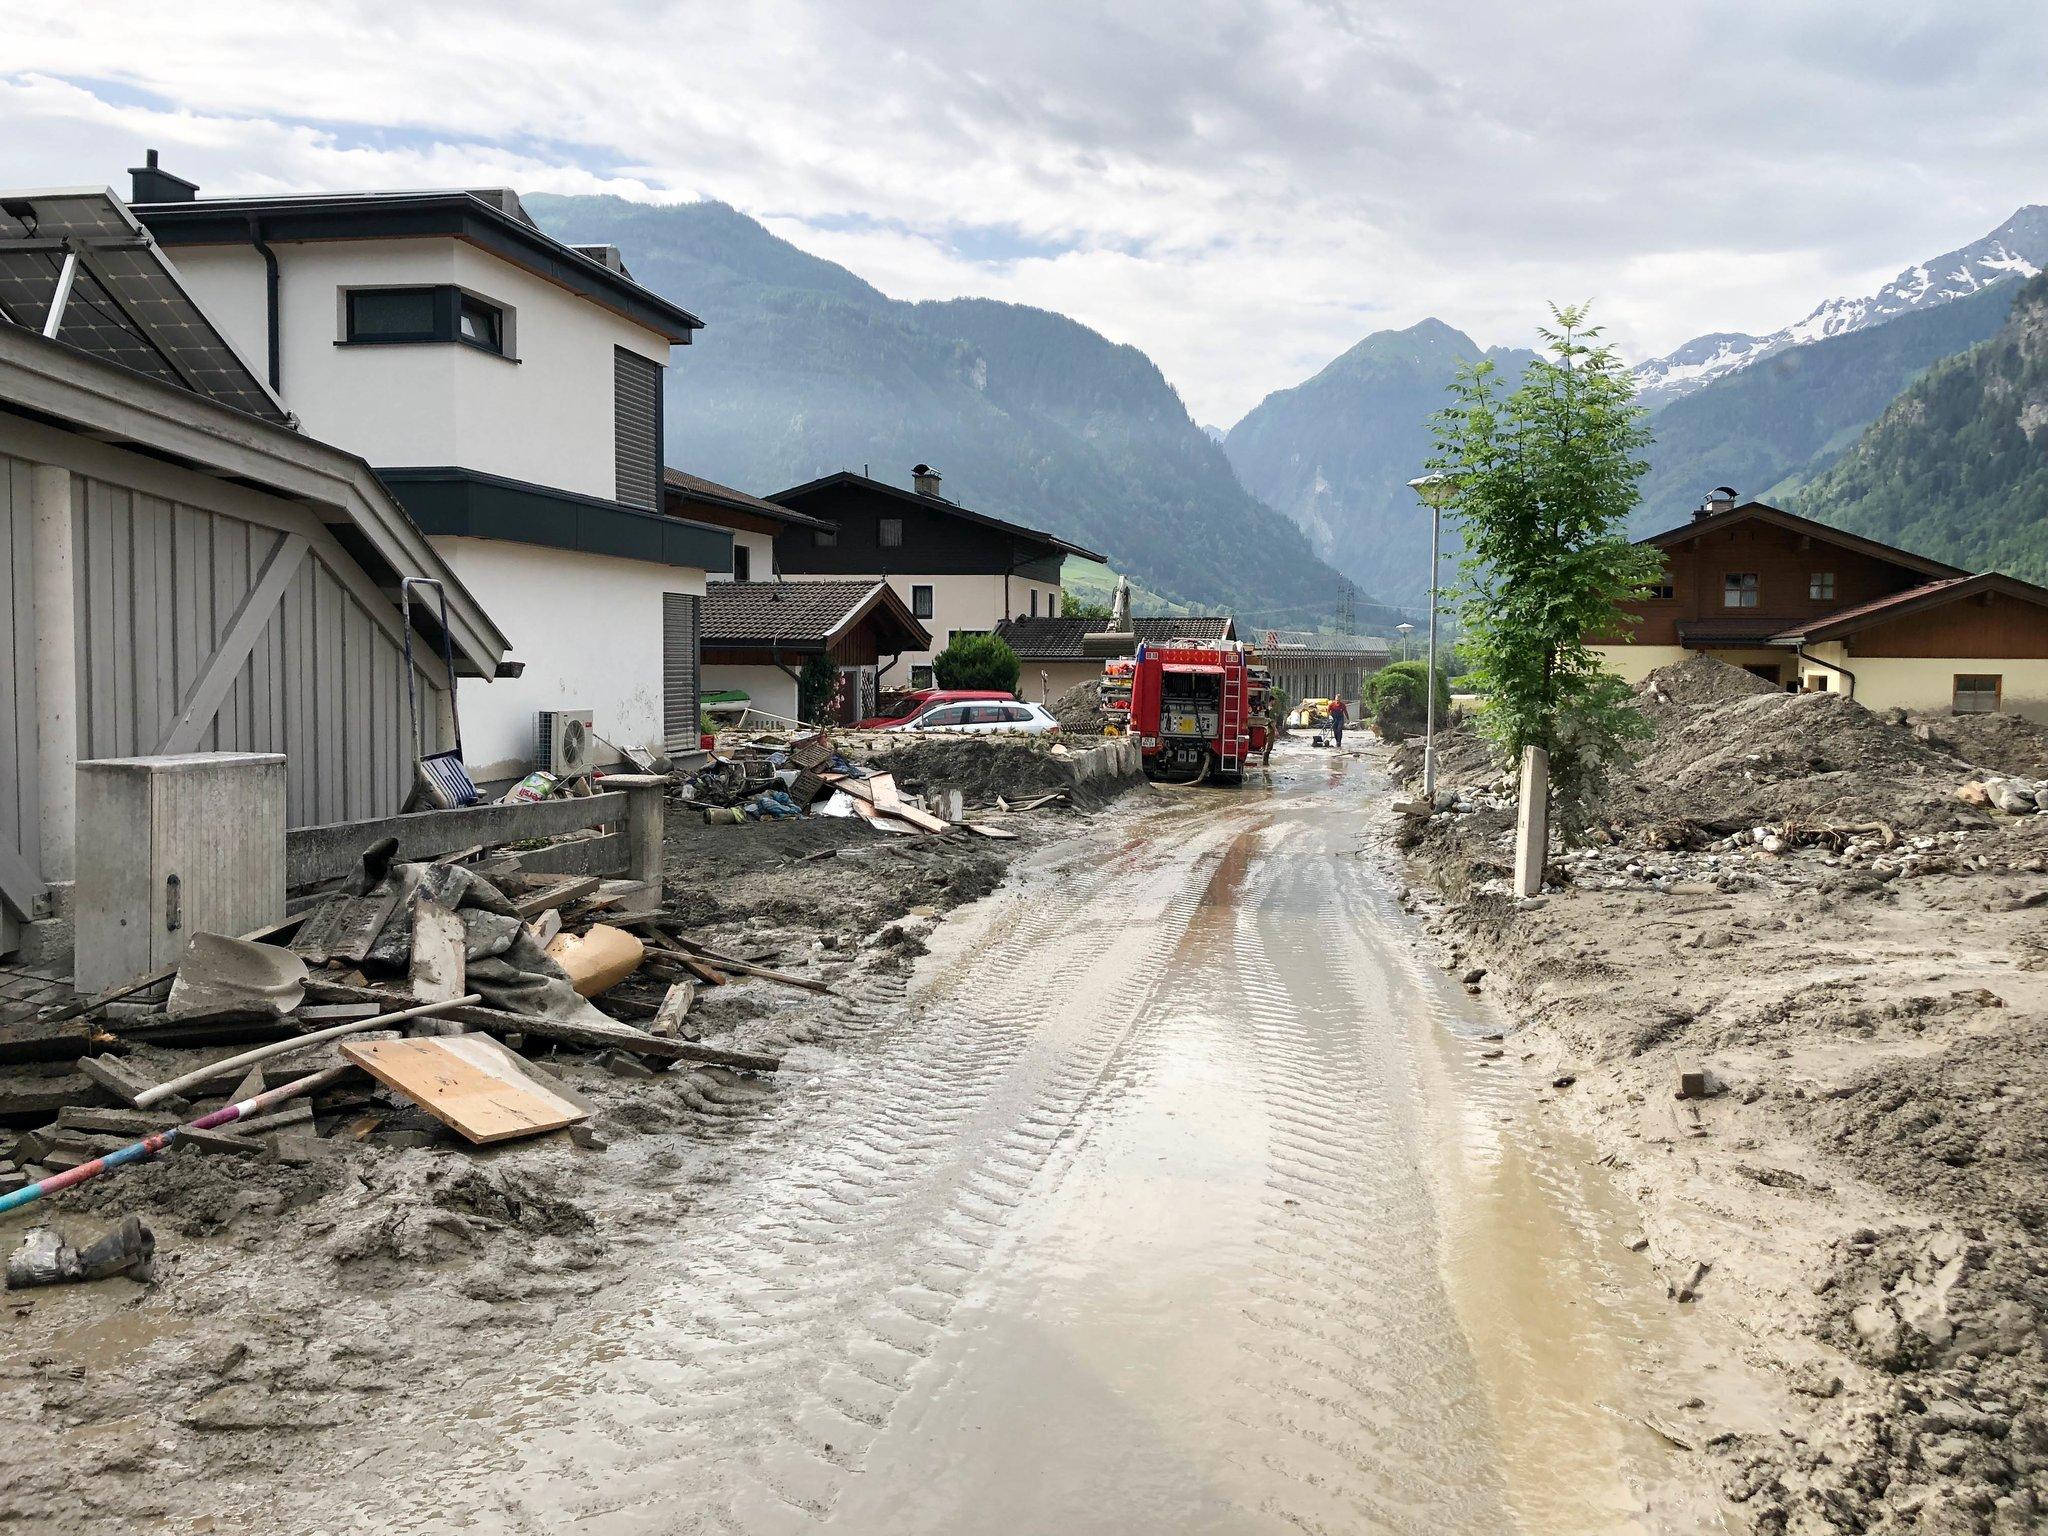 """""""Ein extremes Jahr"""": 2.282 Fälle an den Katastrophenfonds gemeldet - meinbezirk.at"""